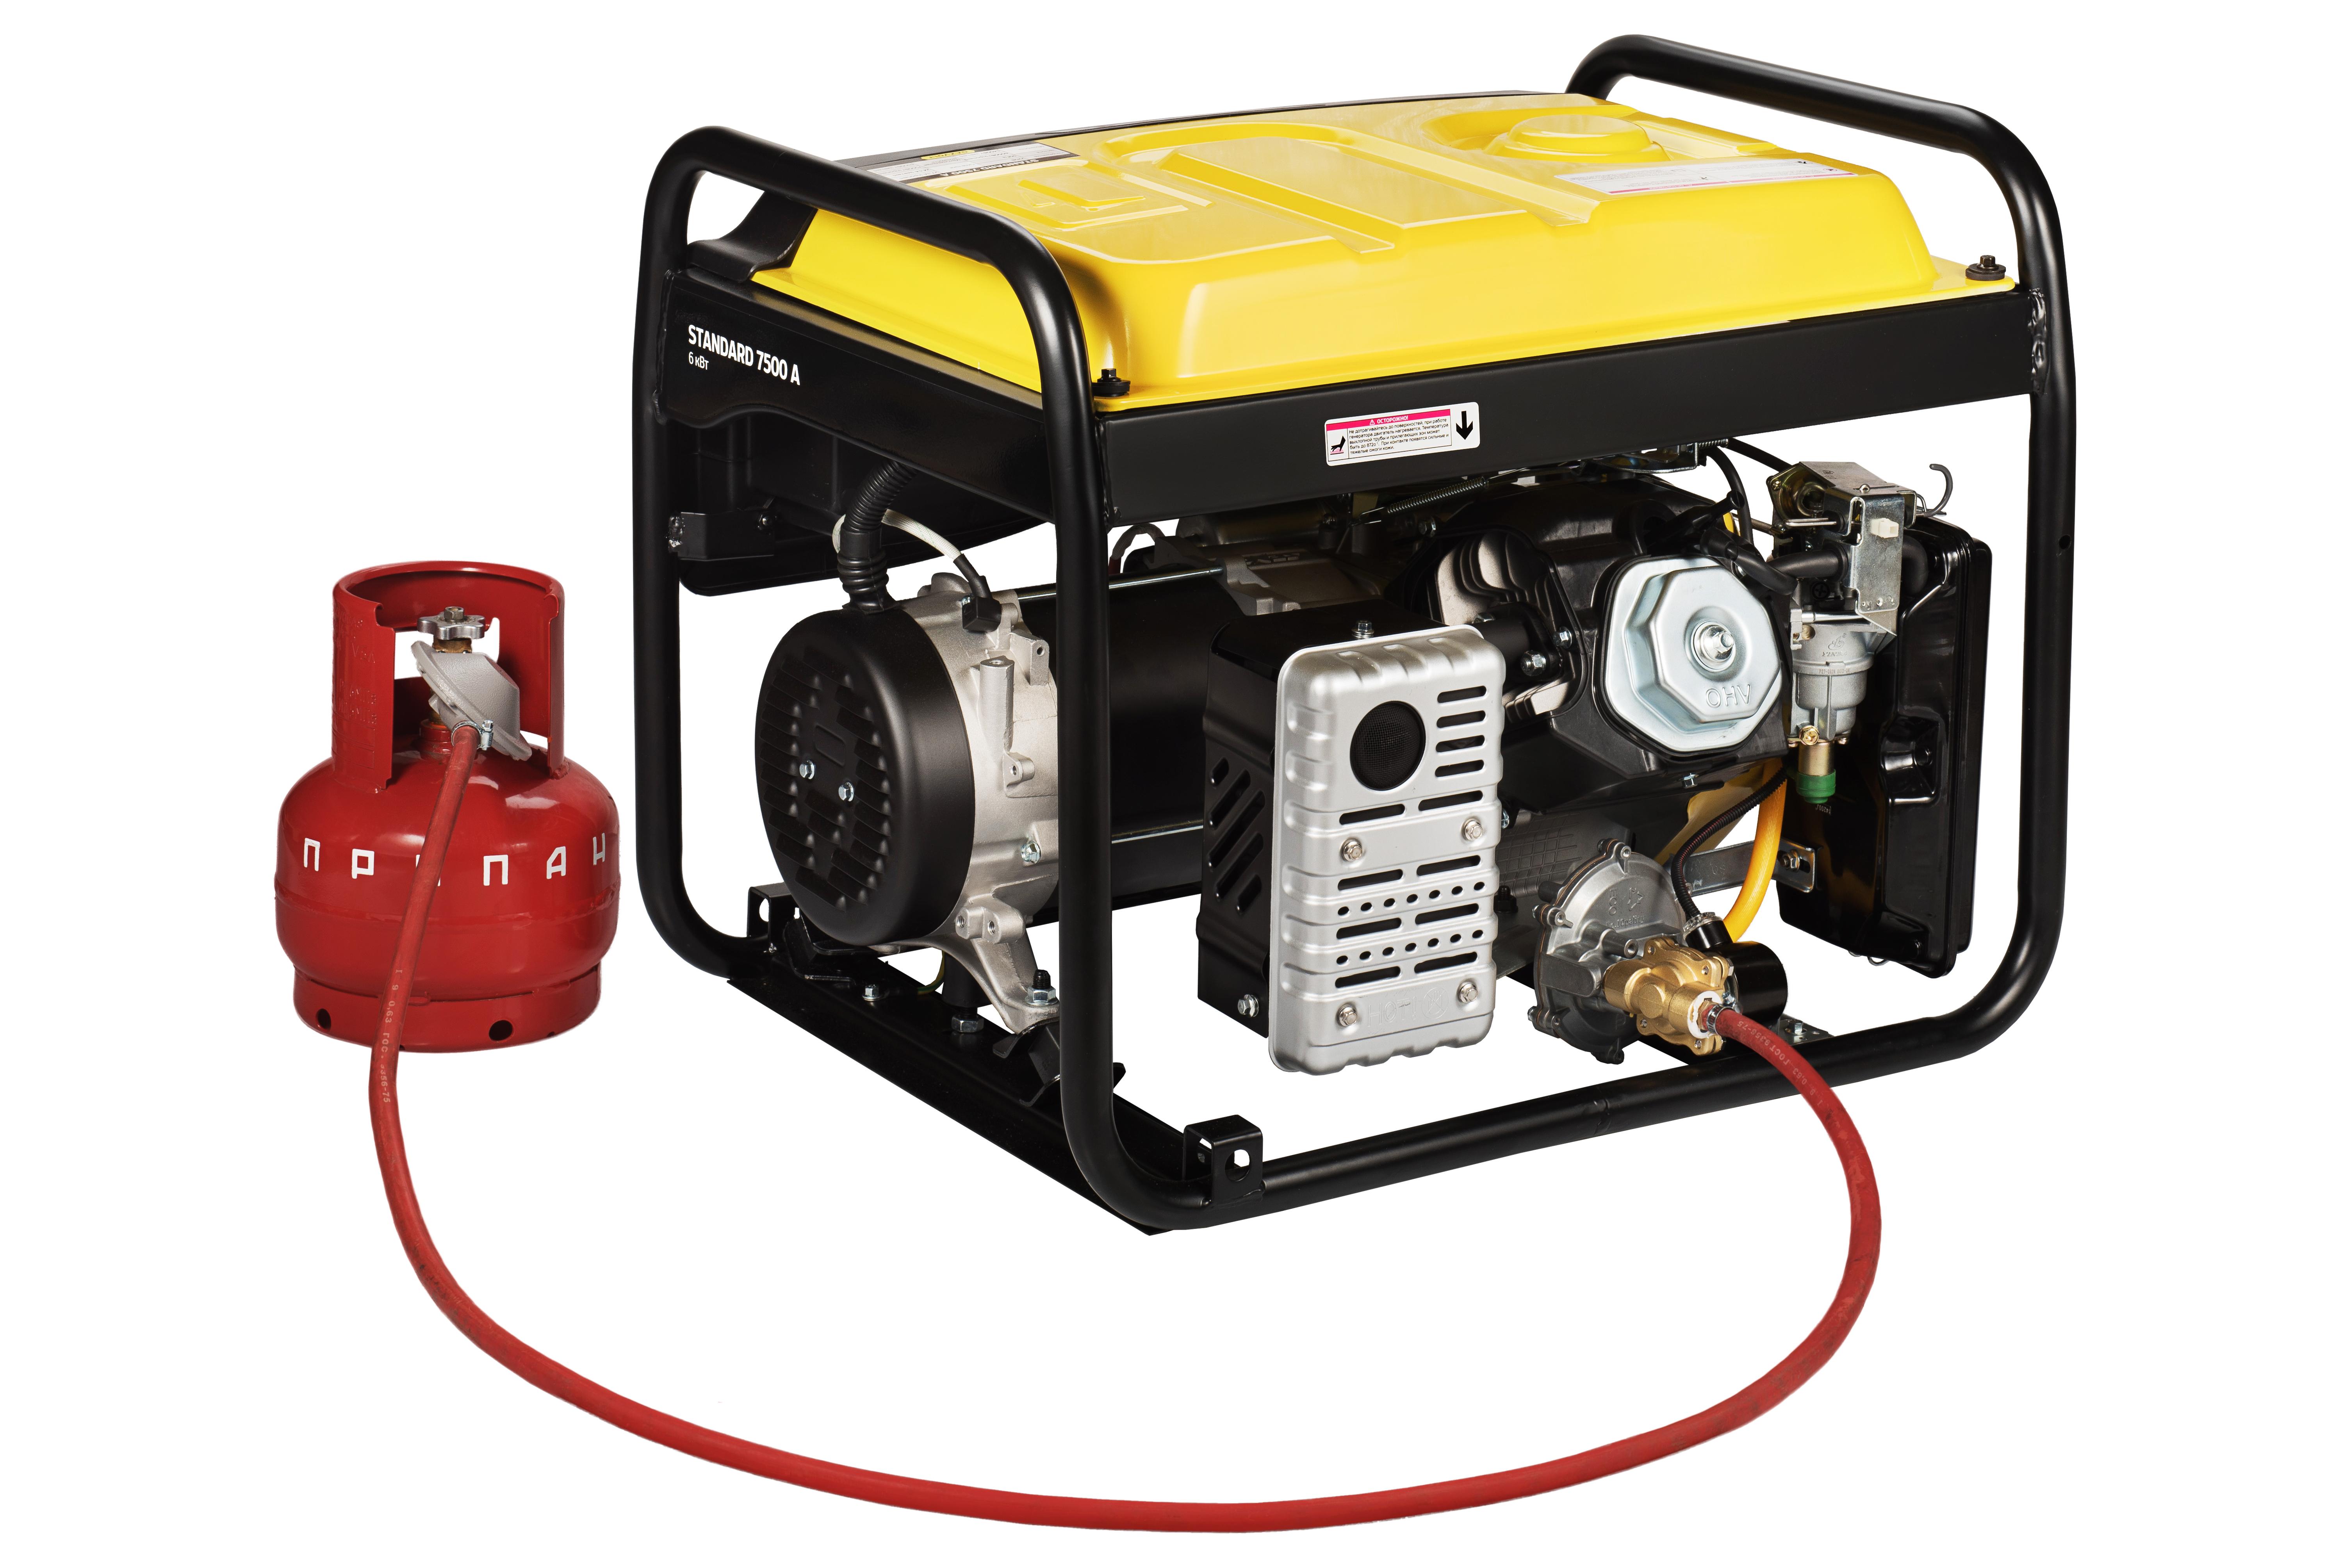 Генератор для газового котла - виды и правила установки